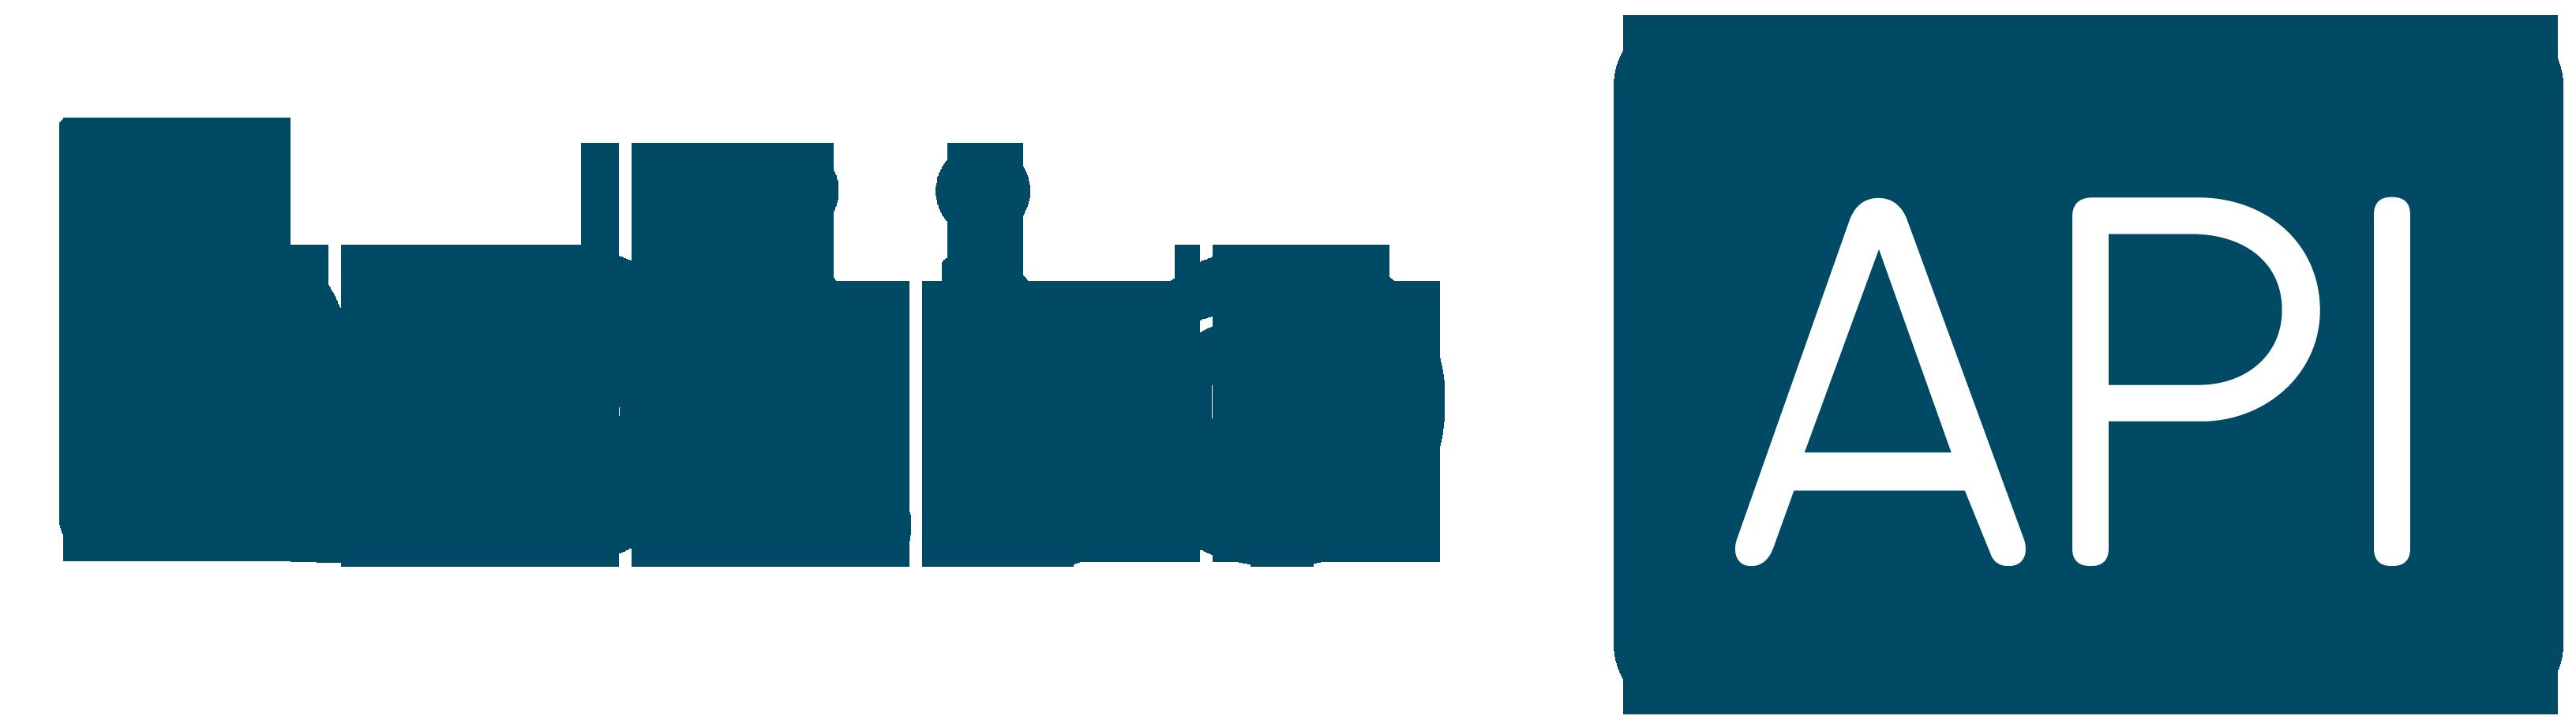 Hoiio